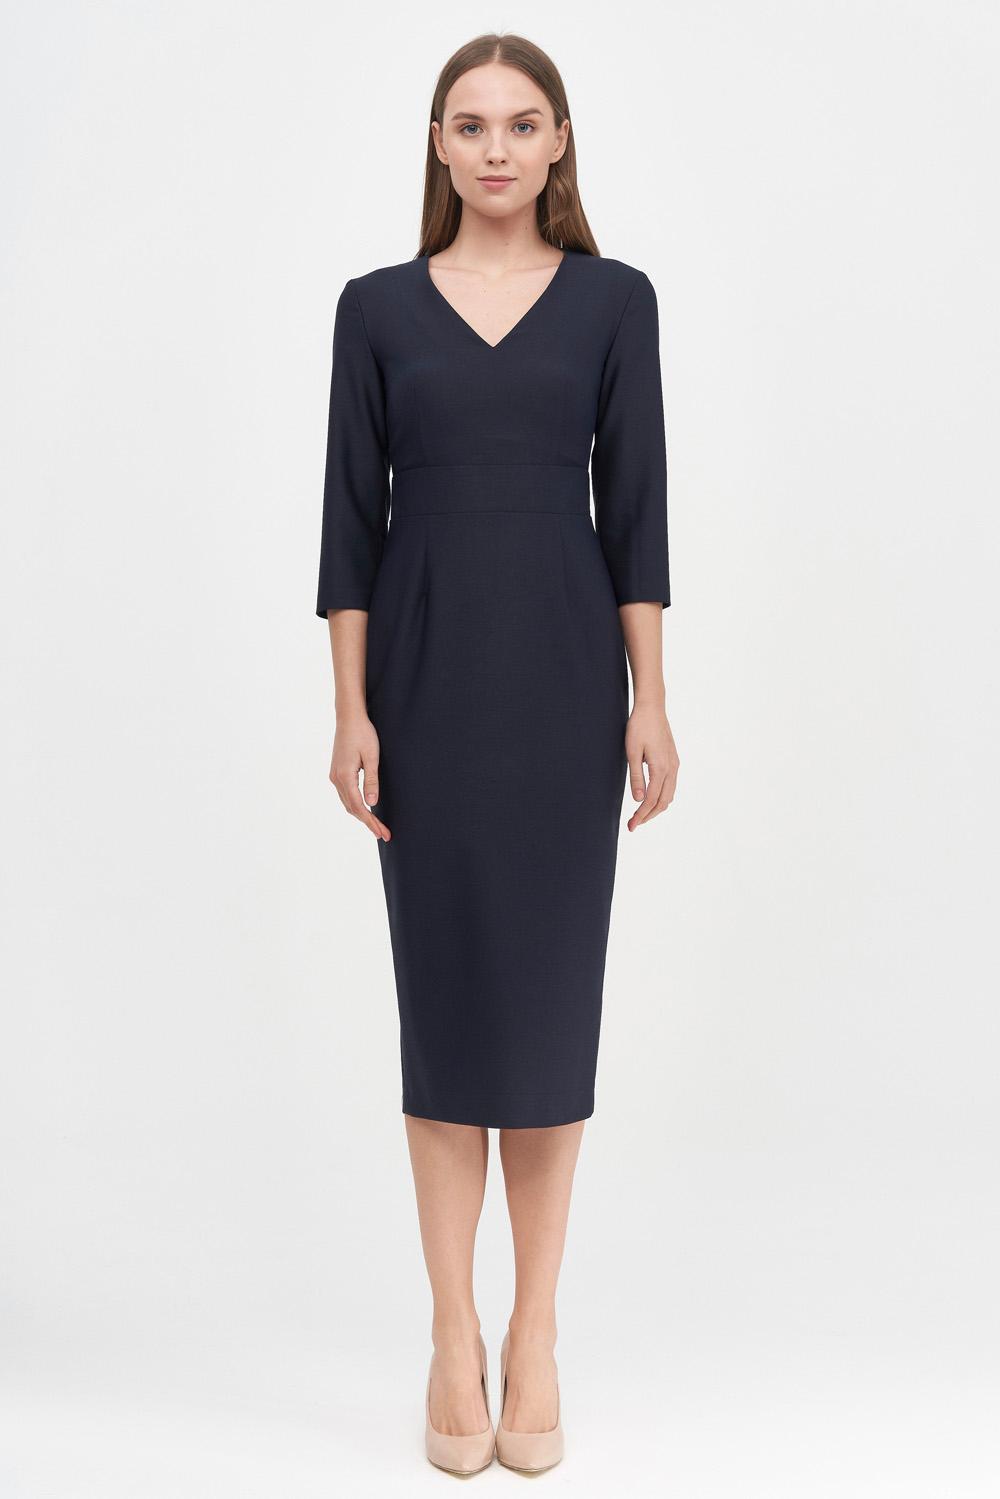 Платье женские Natali Bolgar модель 19219MAD77 приобрести, 2017